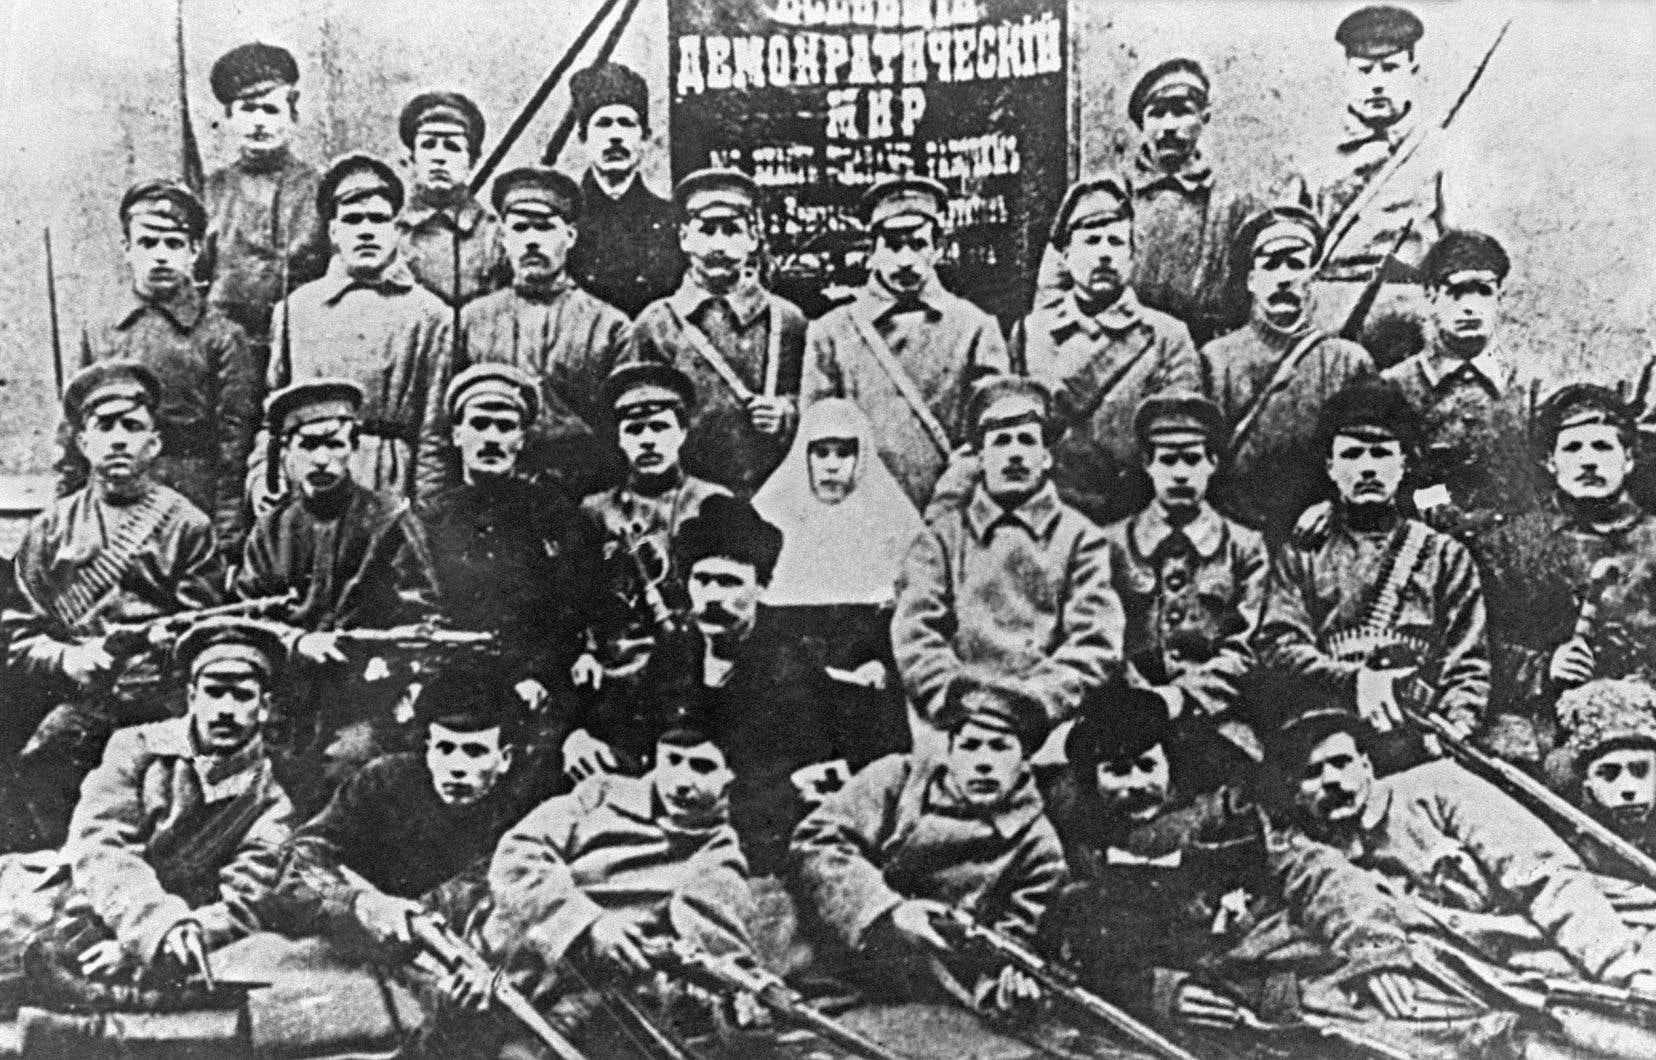 Petrograd, novembre 1917. Les combattants bolcheviques, premier détachement de l'Armée rouge, posent pour la postérité.